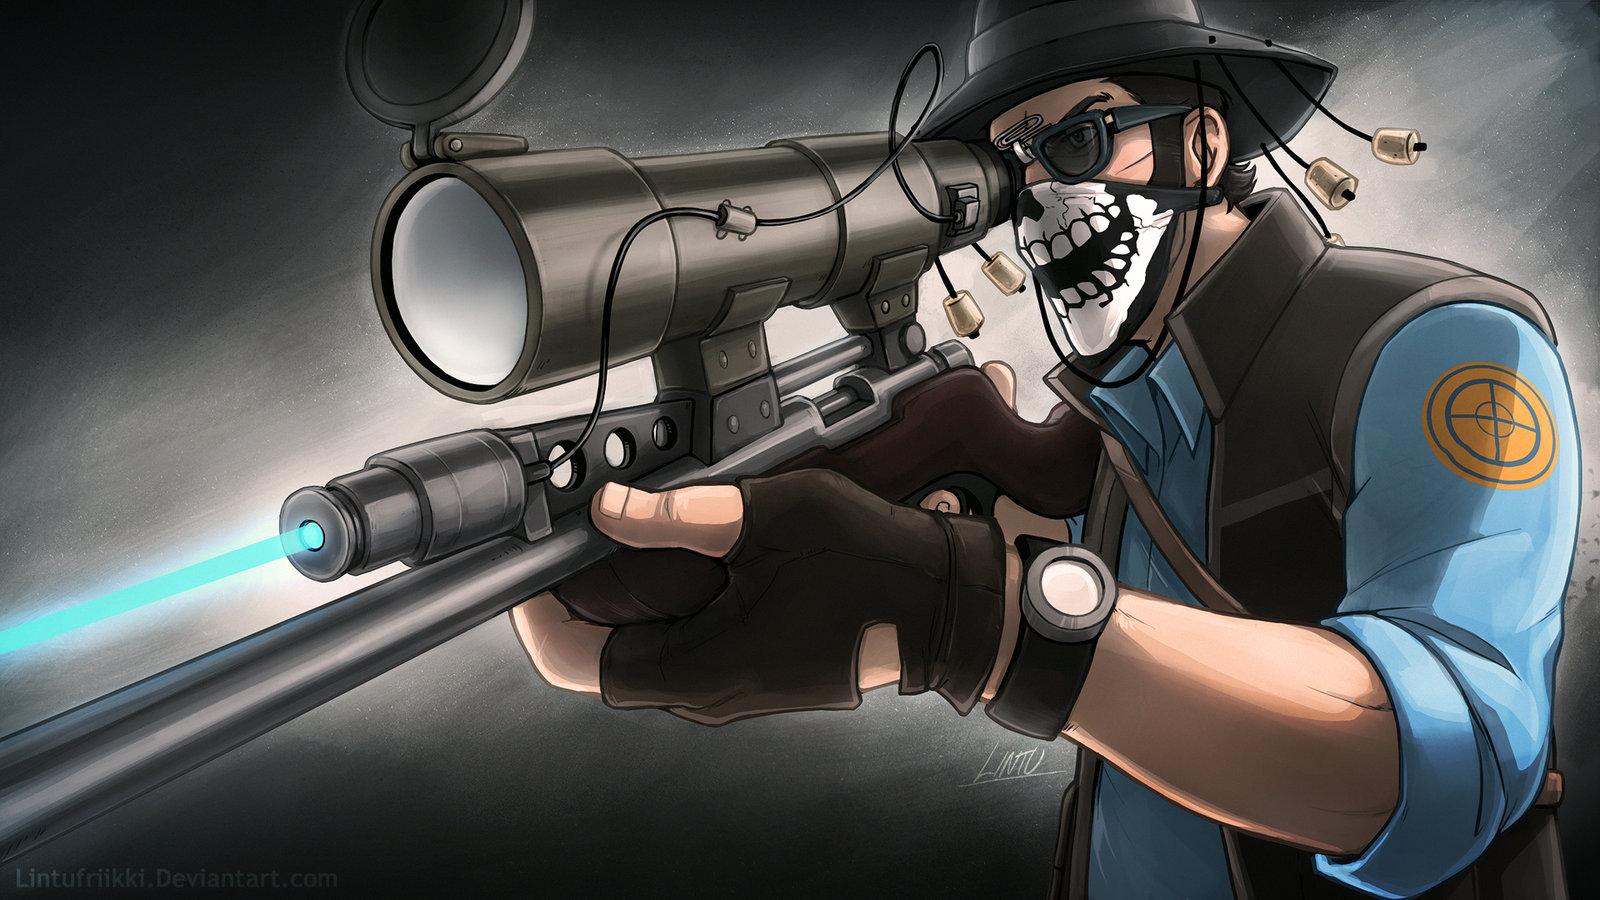 tf2 sniper wallpaper